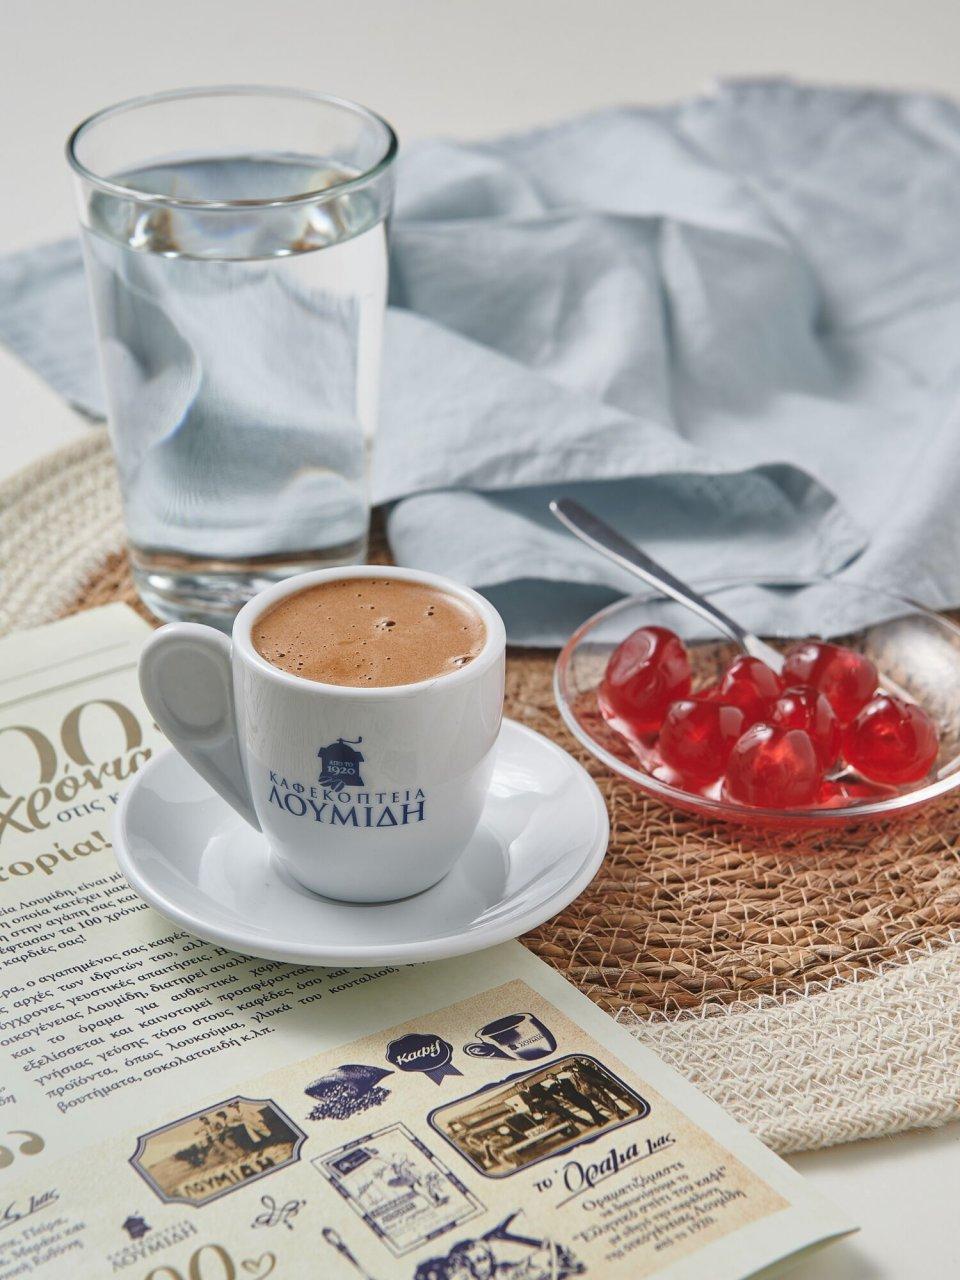 Καφεκοπτεία Λουμίδη: Ελληνικός καφές και γλυκό του κουταλιού, οι πιο τρυφερές μας αναμνήσεις